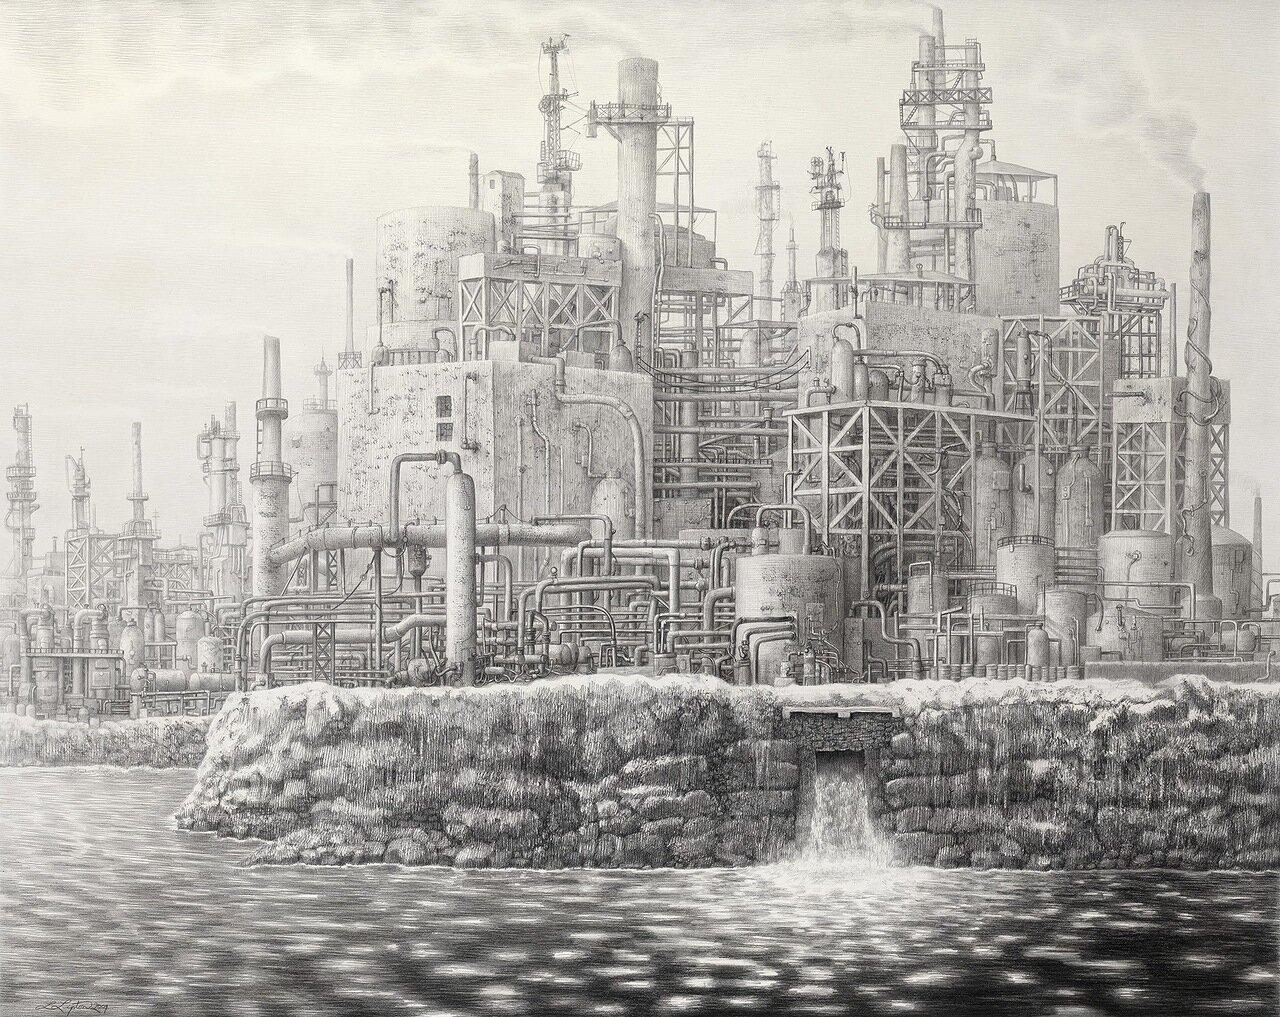 Жидкие выбросы. 2009